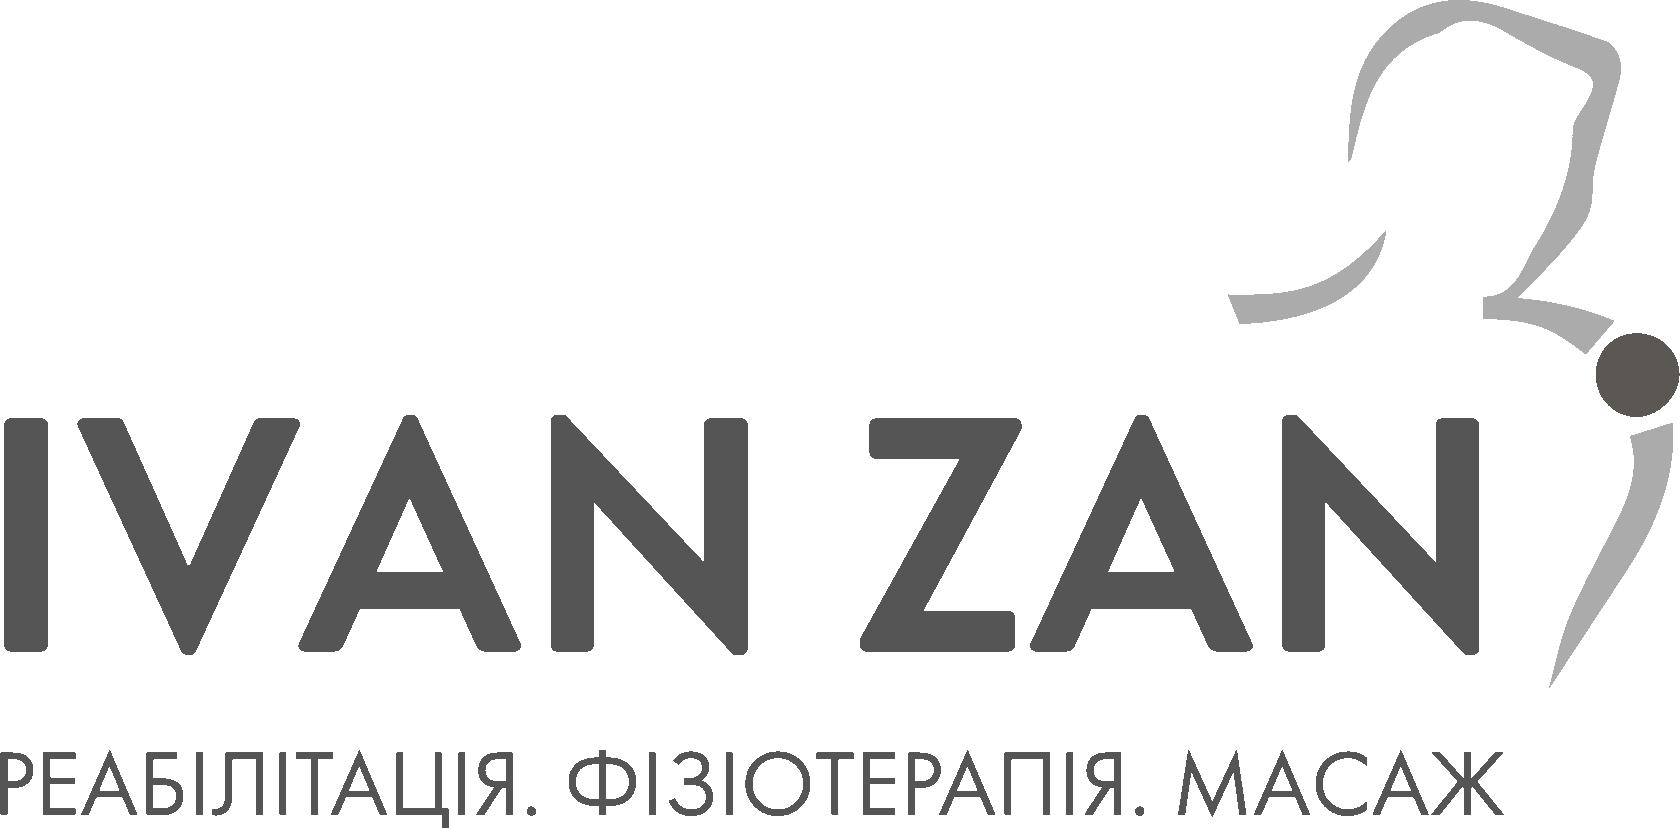 логотип масажиста Івана Зань